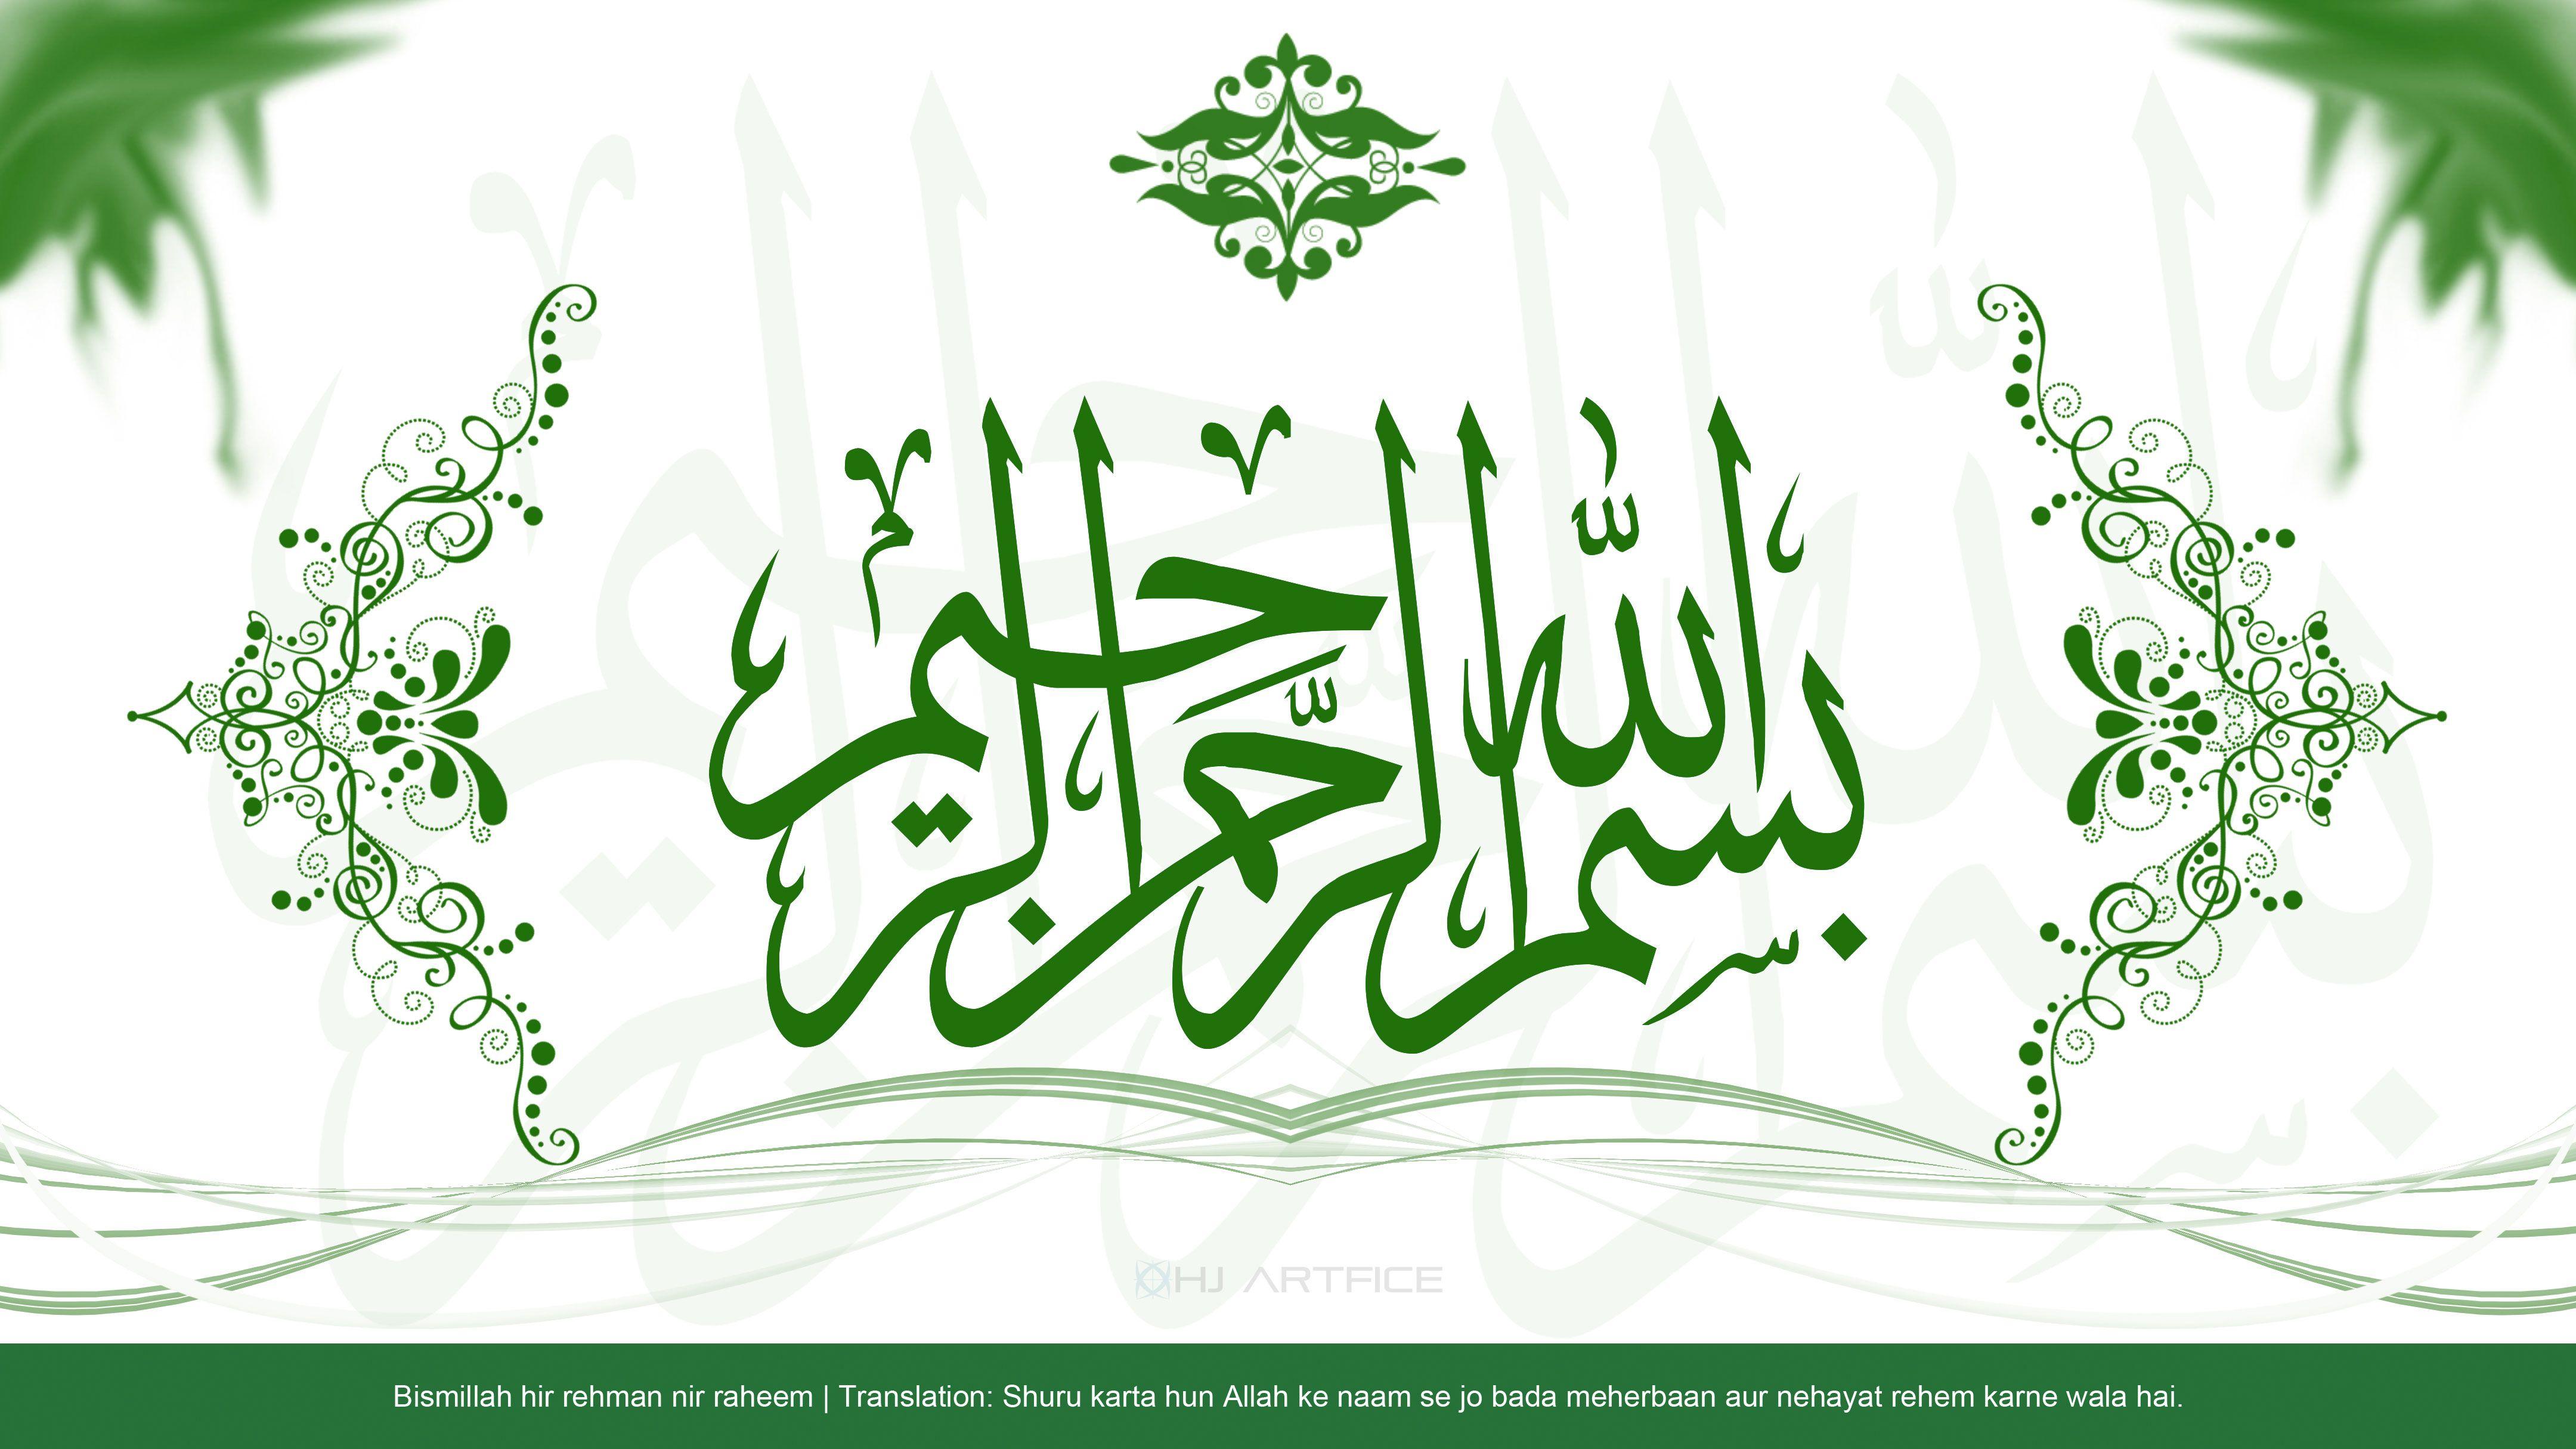 bismillah hd logo